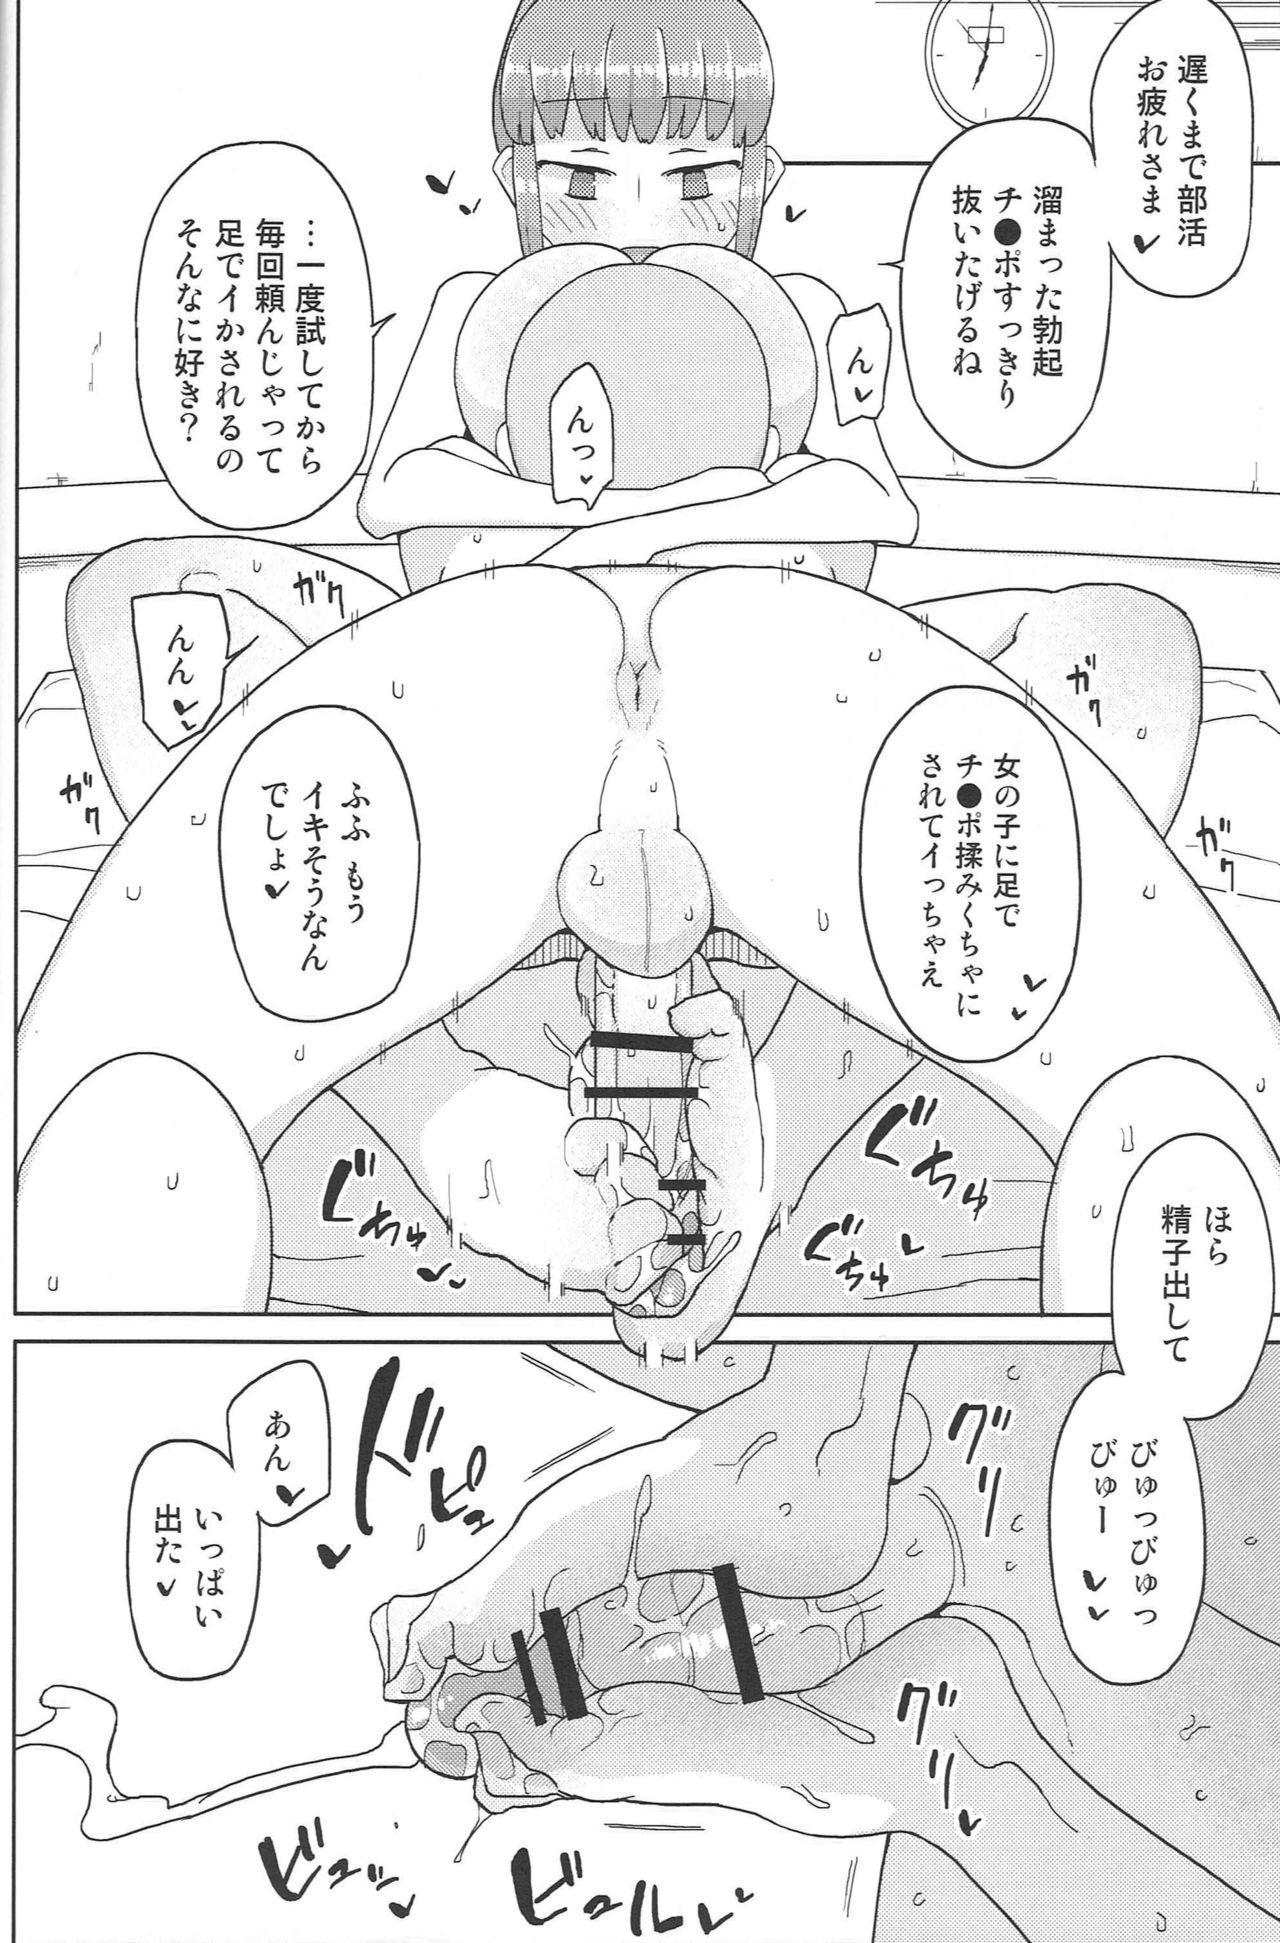 TS Danshikou Fuzokuchuu Doutei Massage-bu 18